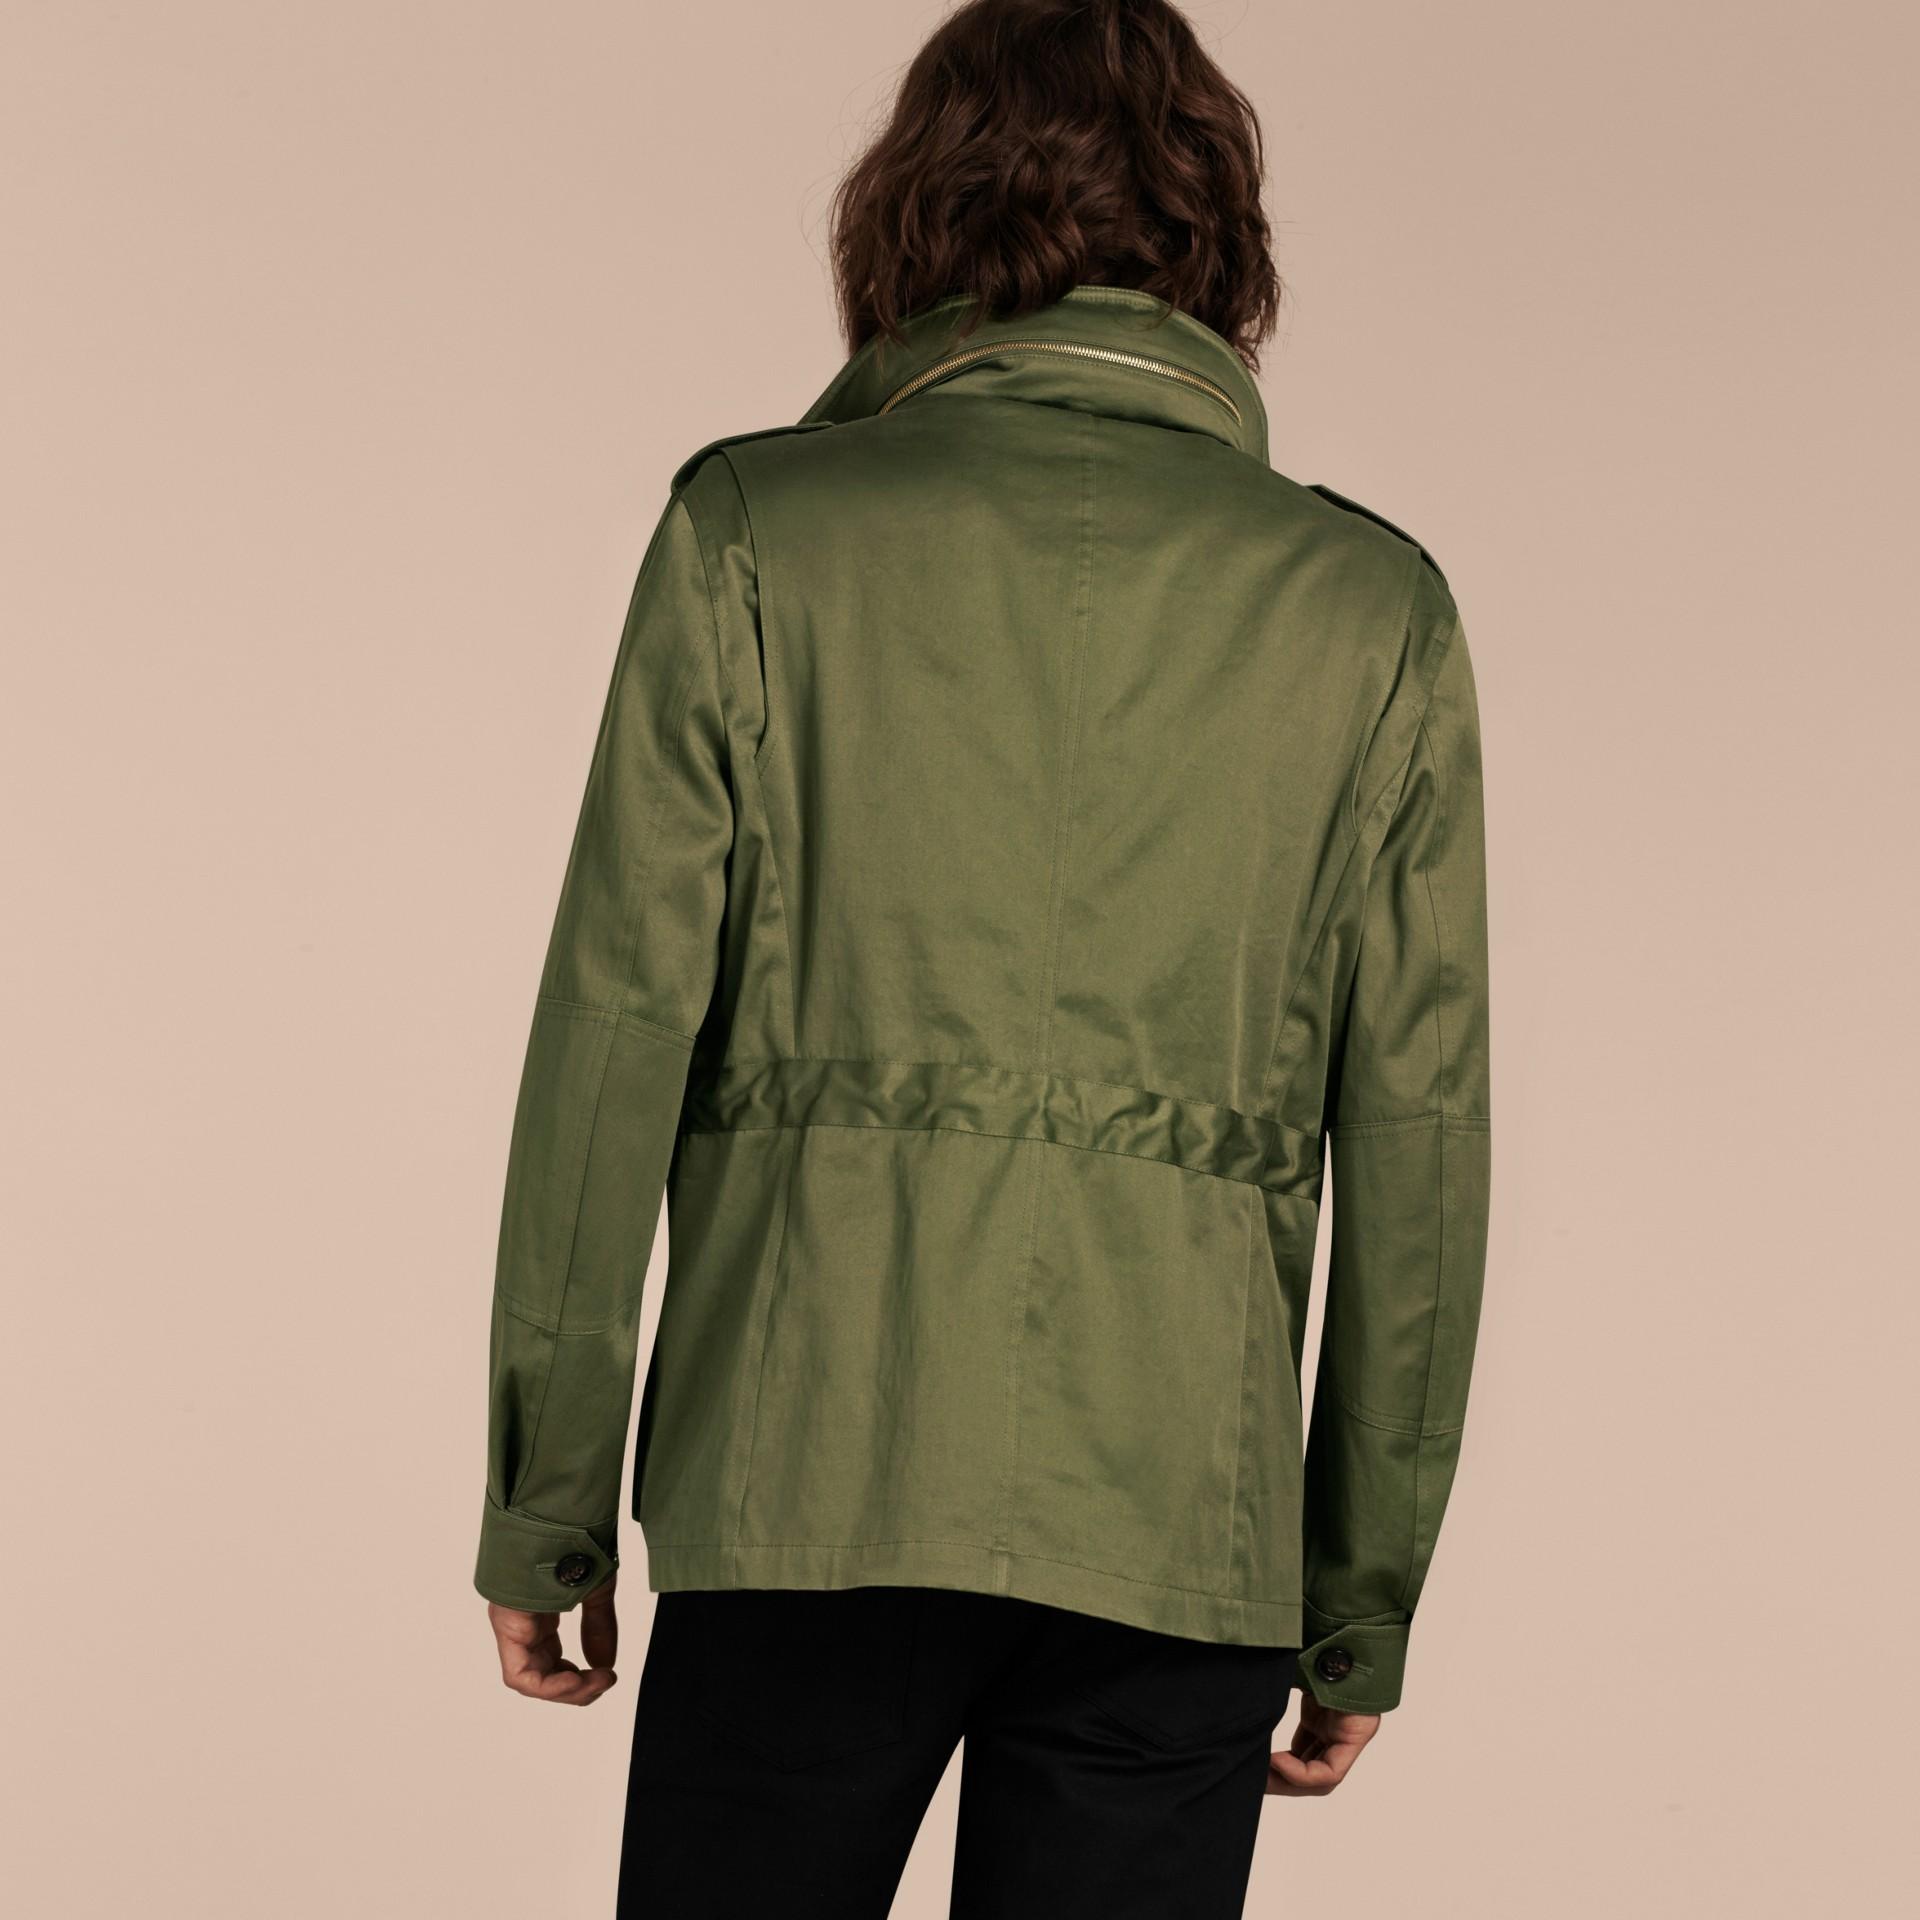 Verde oliva Jaqueta estilo militar de algodão com capuz - galeria de imagens 3